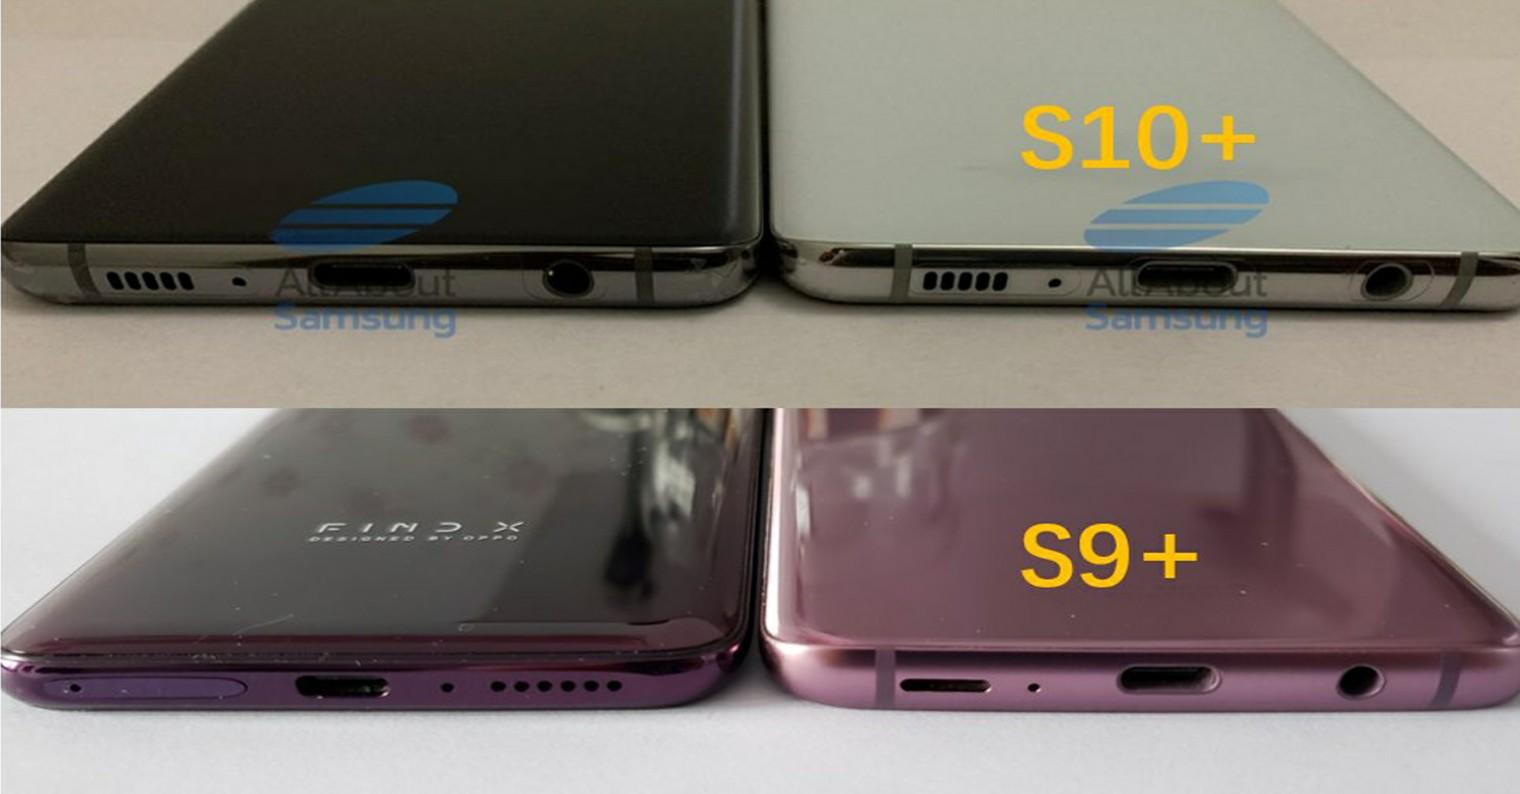 Galaxy s10+ vs Galaxy s9+-1520×794